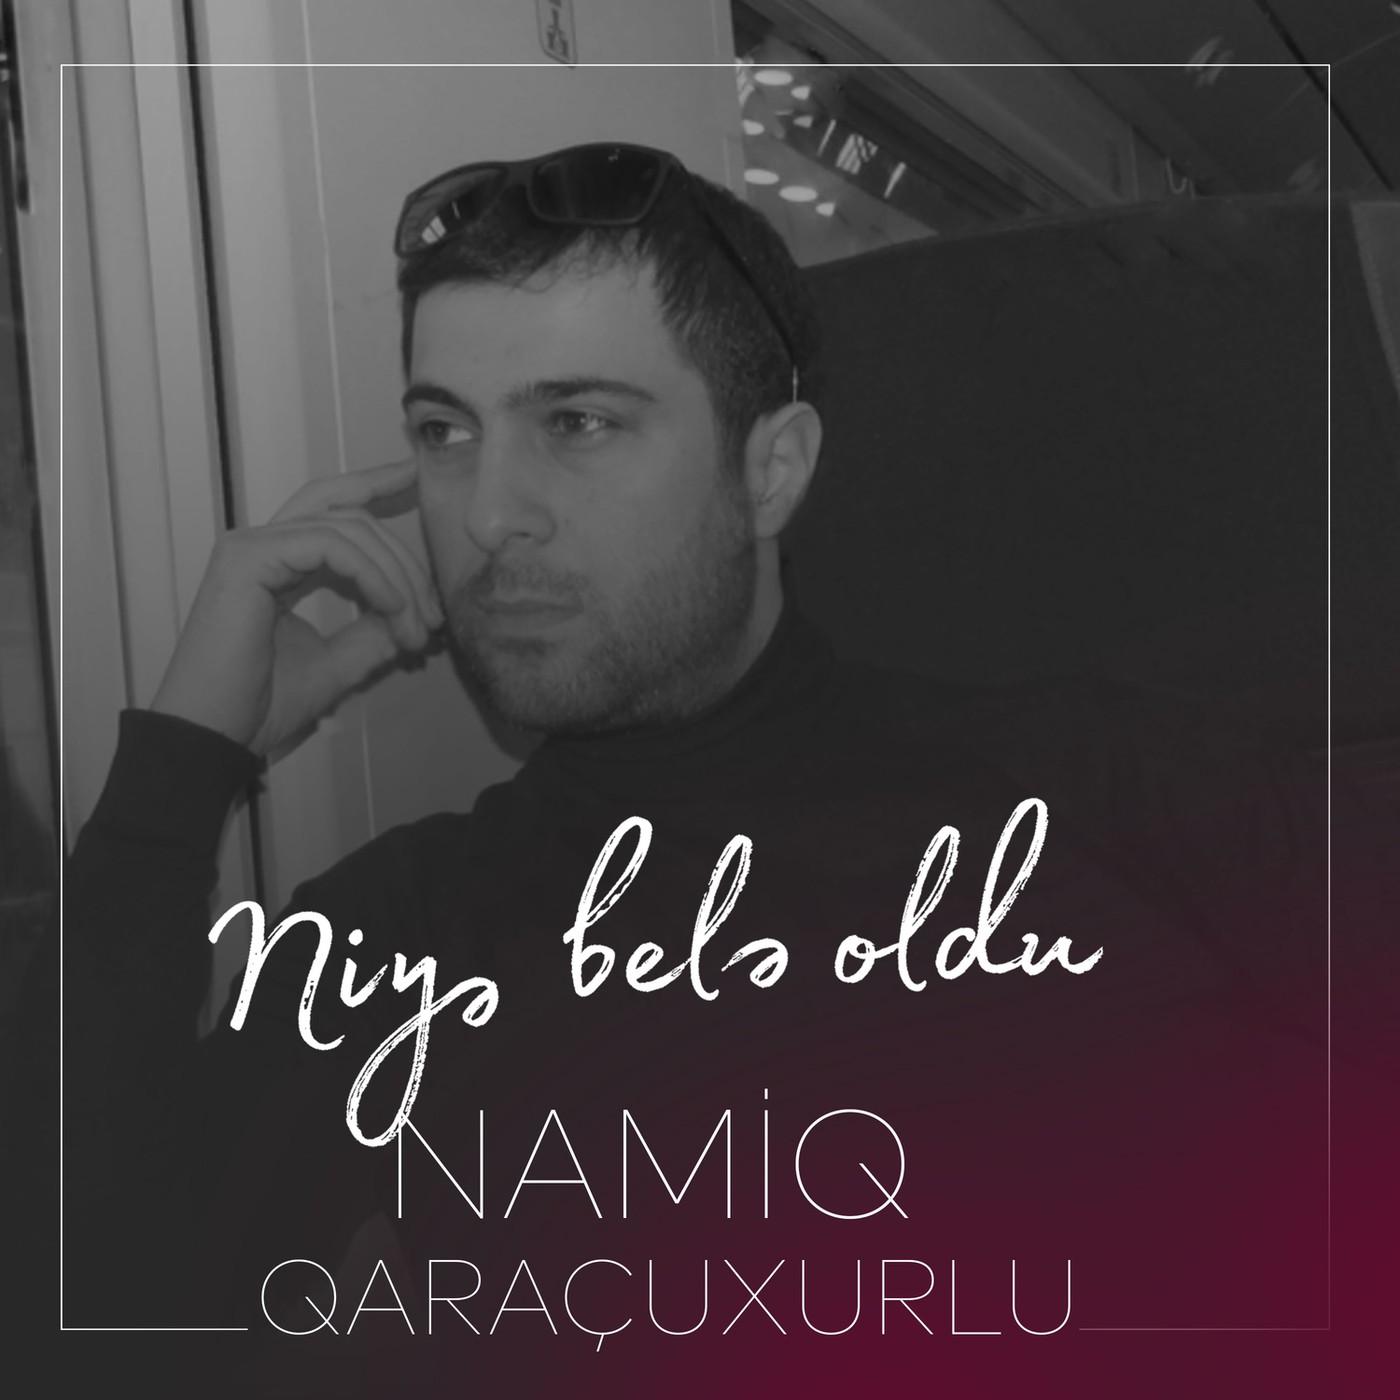 http://s9.picofile.com/file/8358523142/08Namiq_Qaracuxurlu_Niye_bela_Oldu.jpg